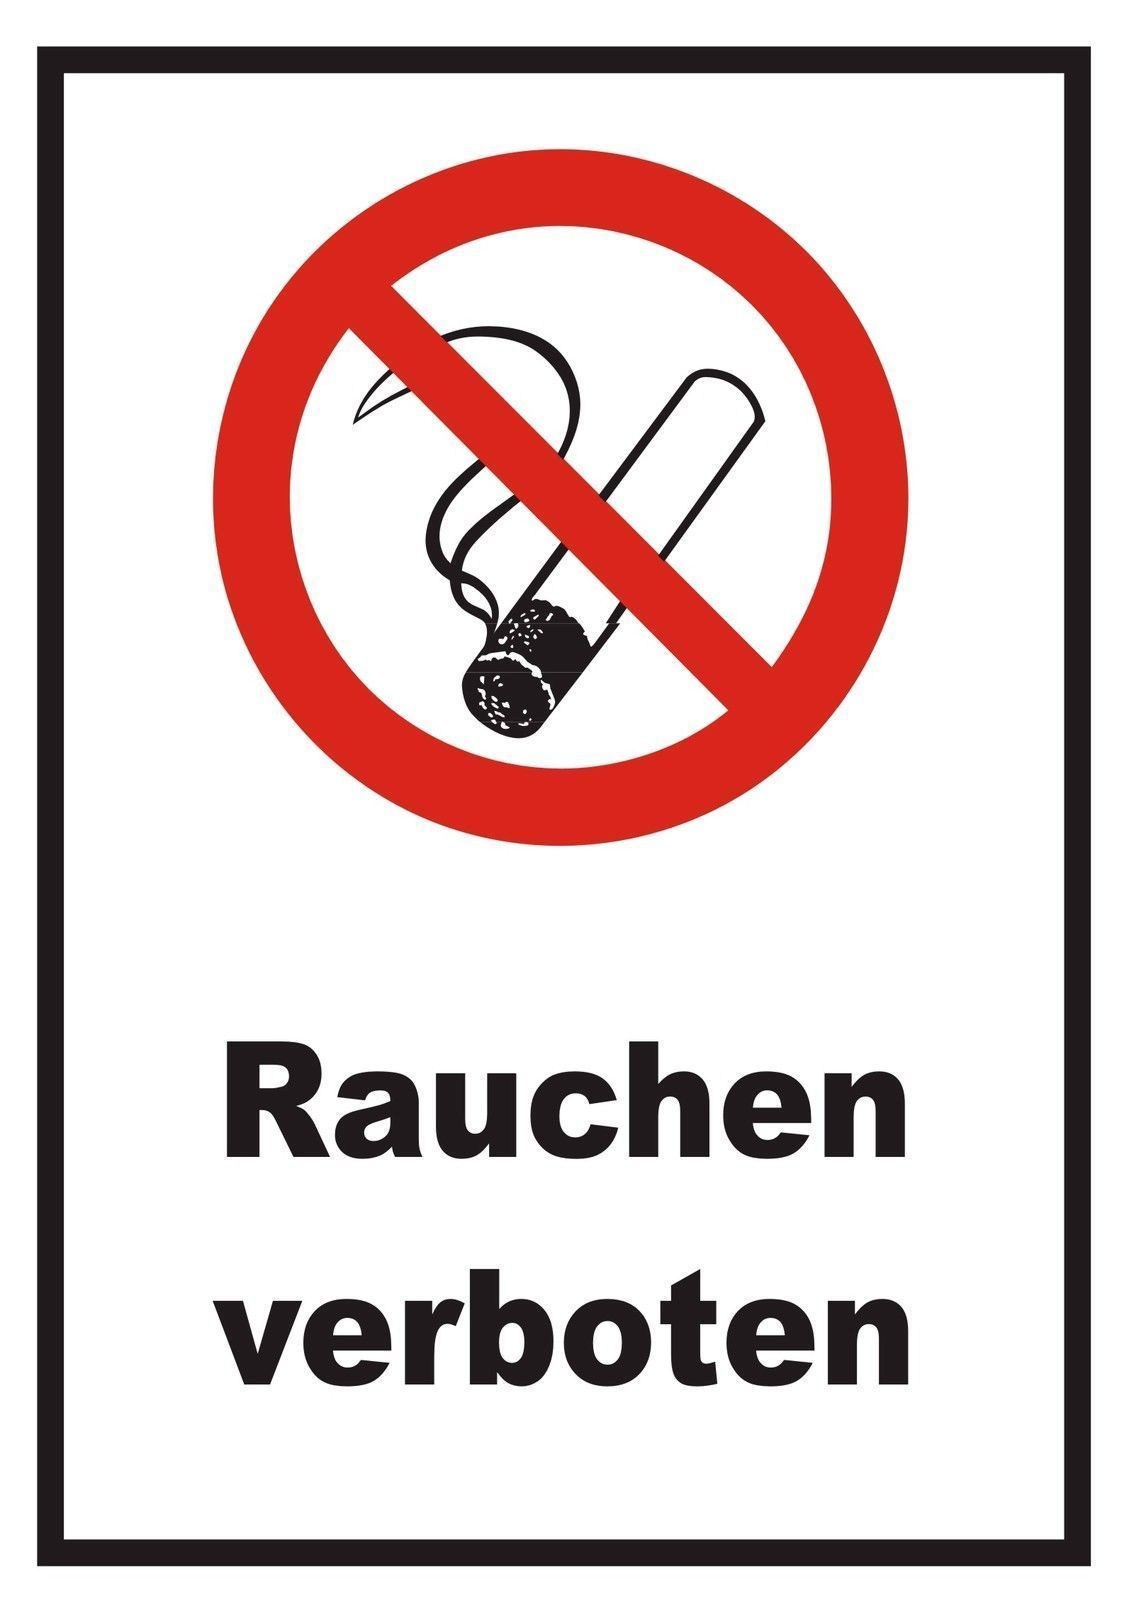 rauchen verboten ein schild sagt mehr als tausend worte raucherkneipen ausgenommen neat. Black Bedroom Furniture Sets. Home Design Ideas